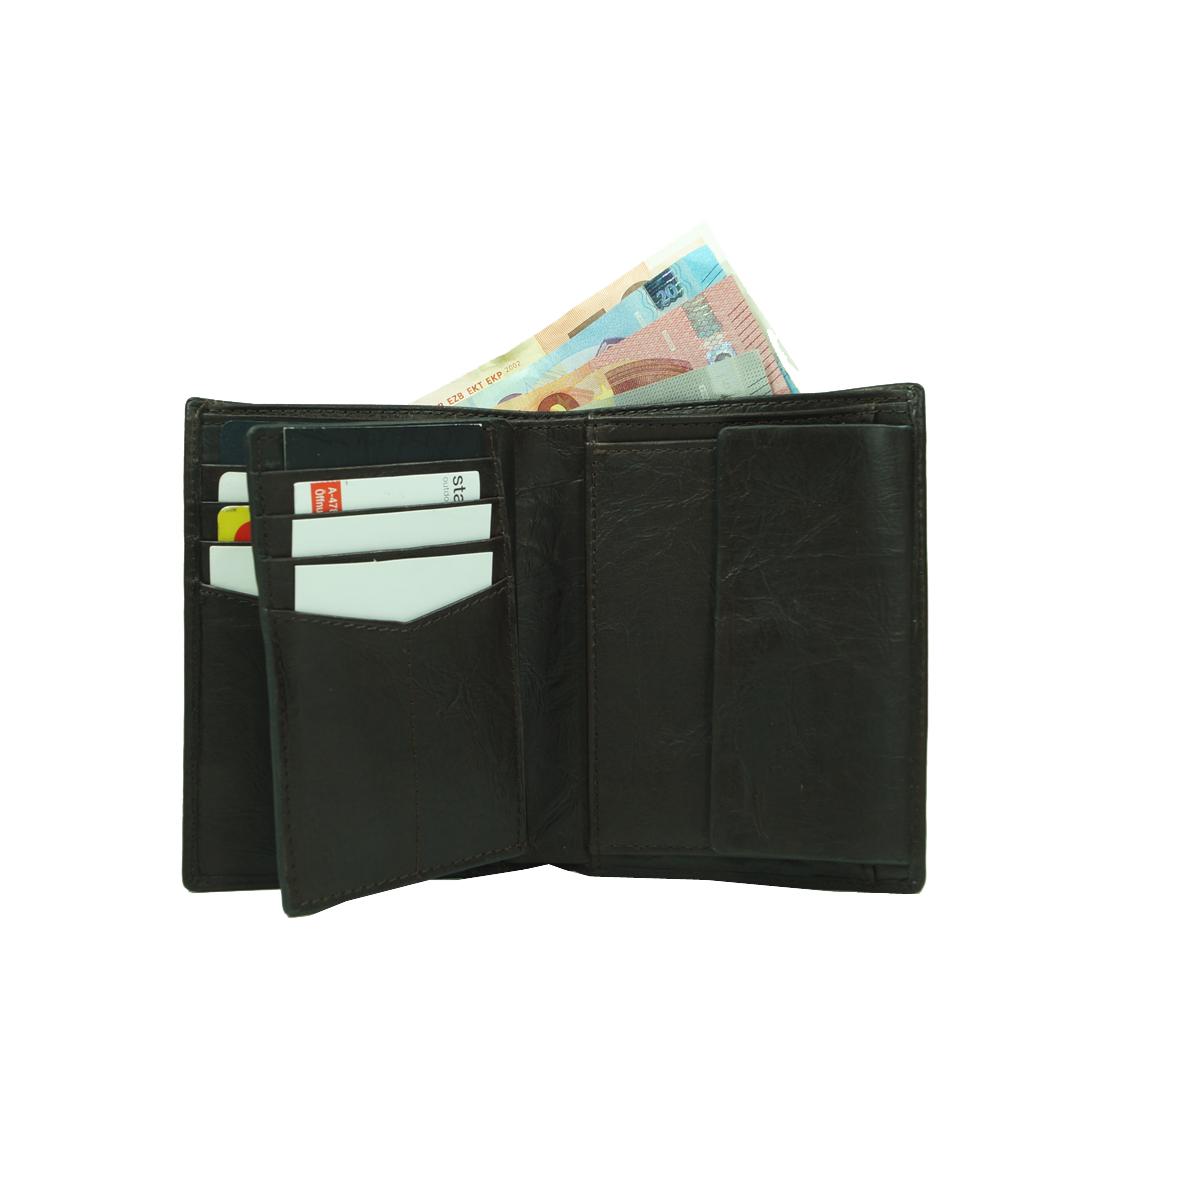 24dd7c3ab920e ... Fossil Geldbörse Neel Int Schwarz Herren Portemonnaie Börse Geldbeutel  3 ...